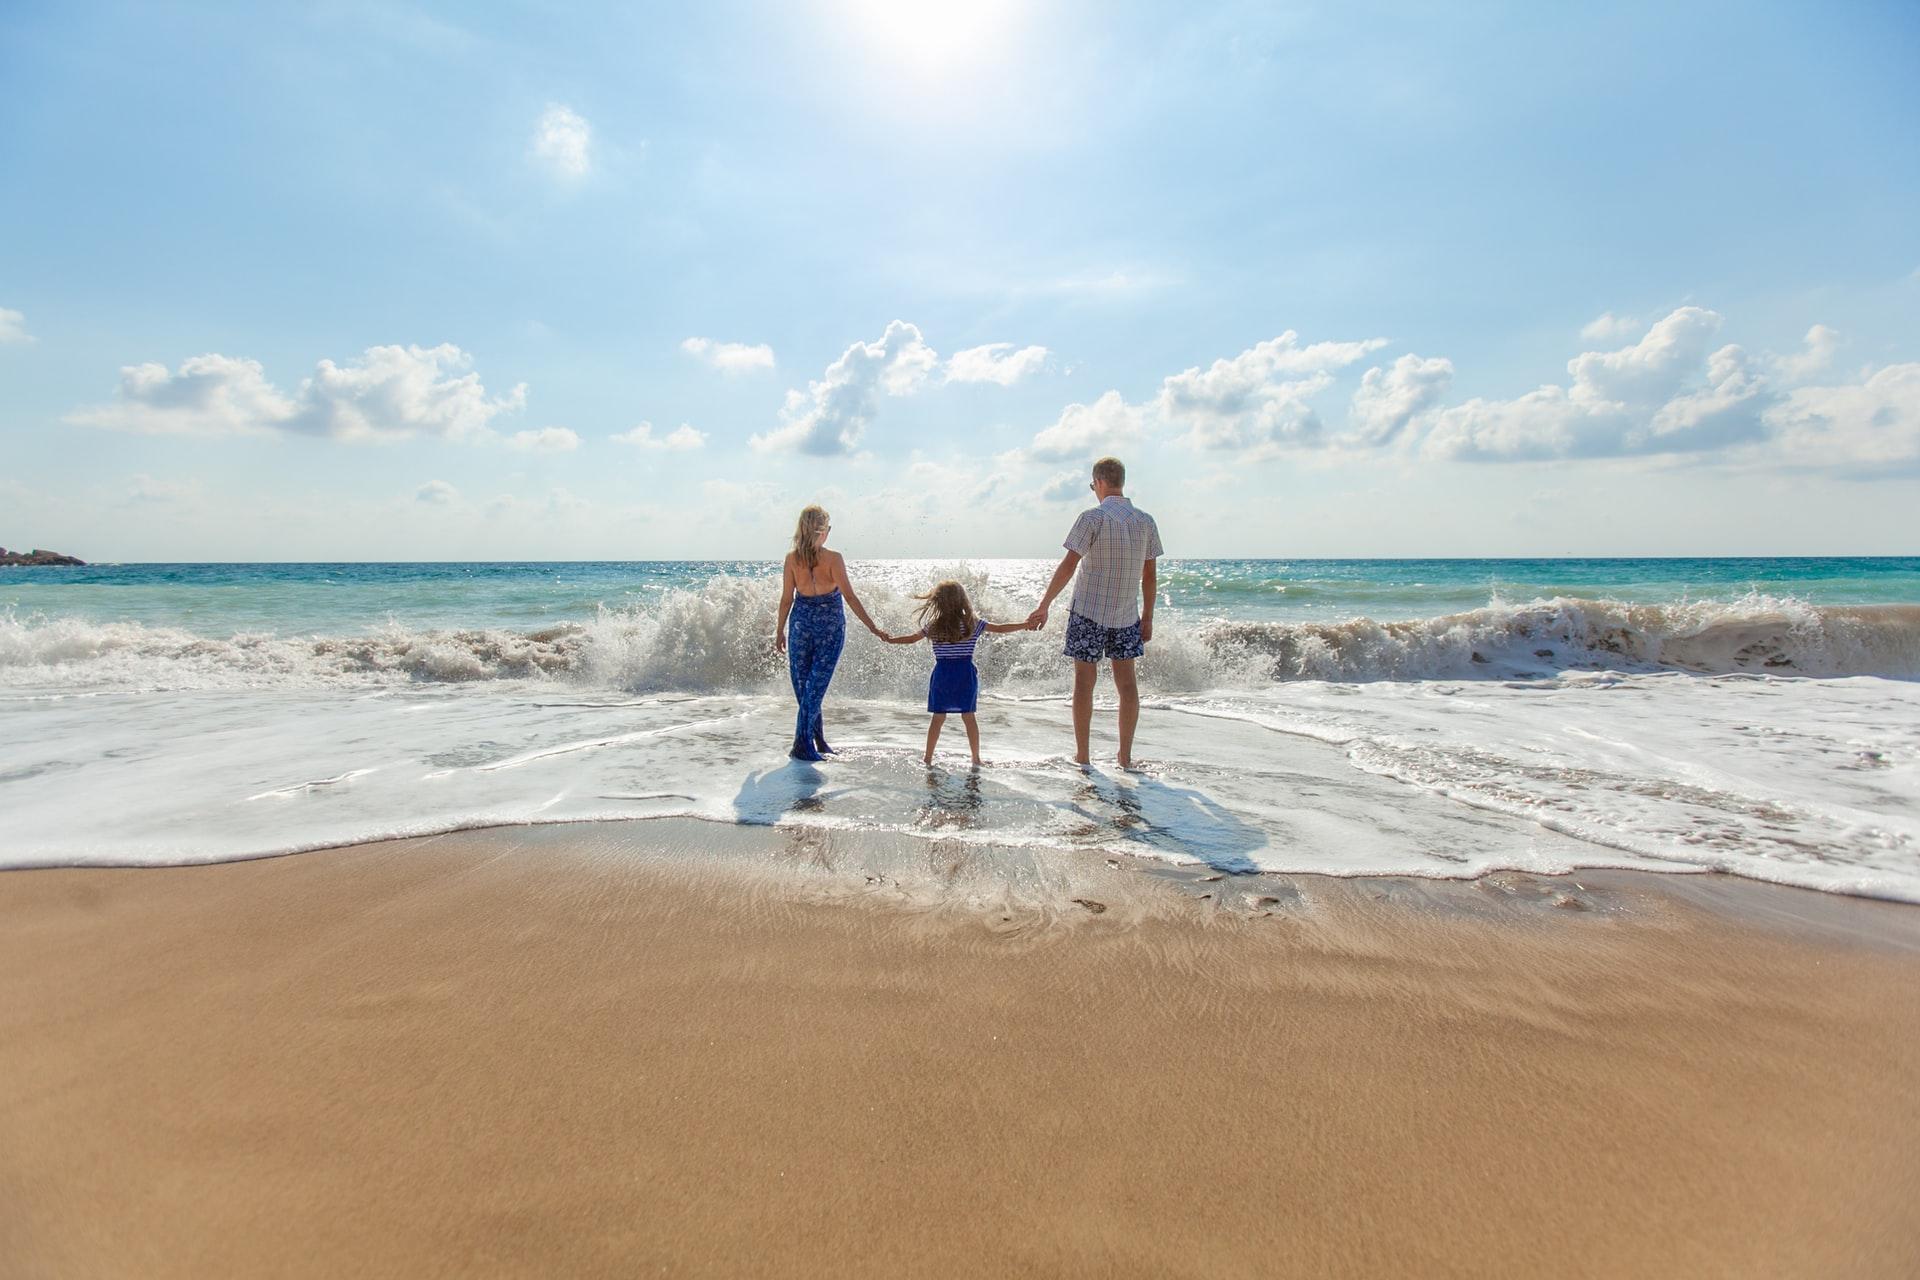 vacances d'été 2020 avec les enfants